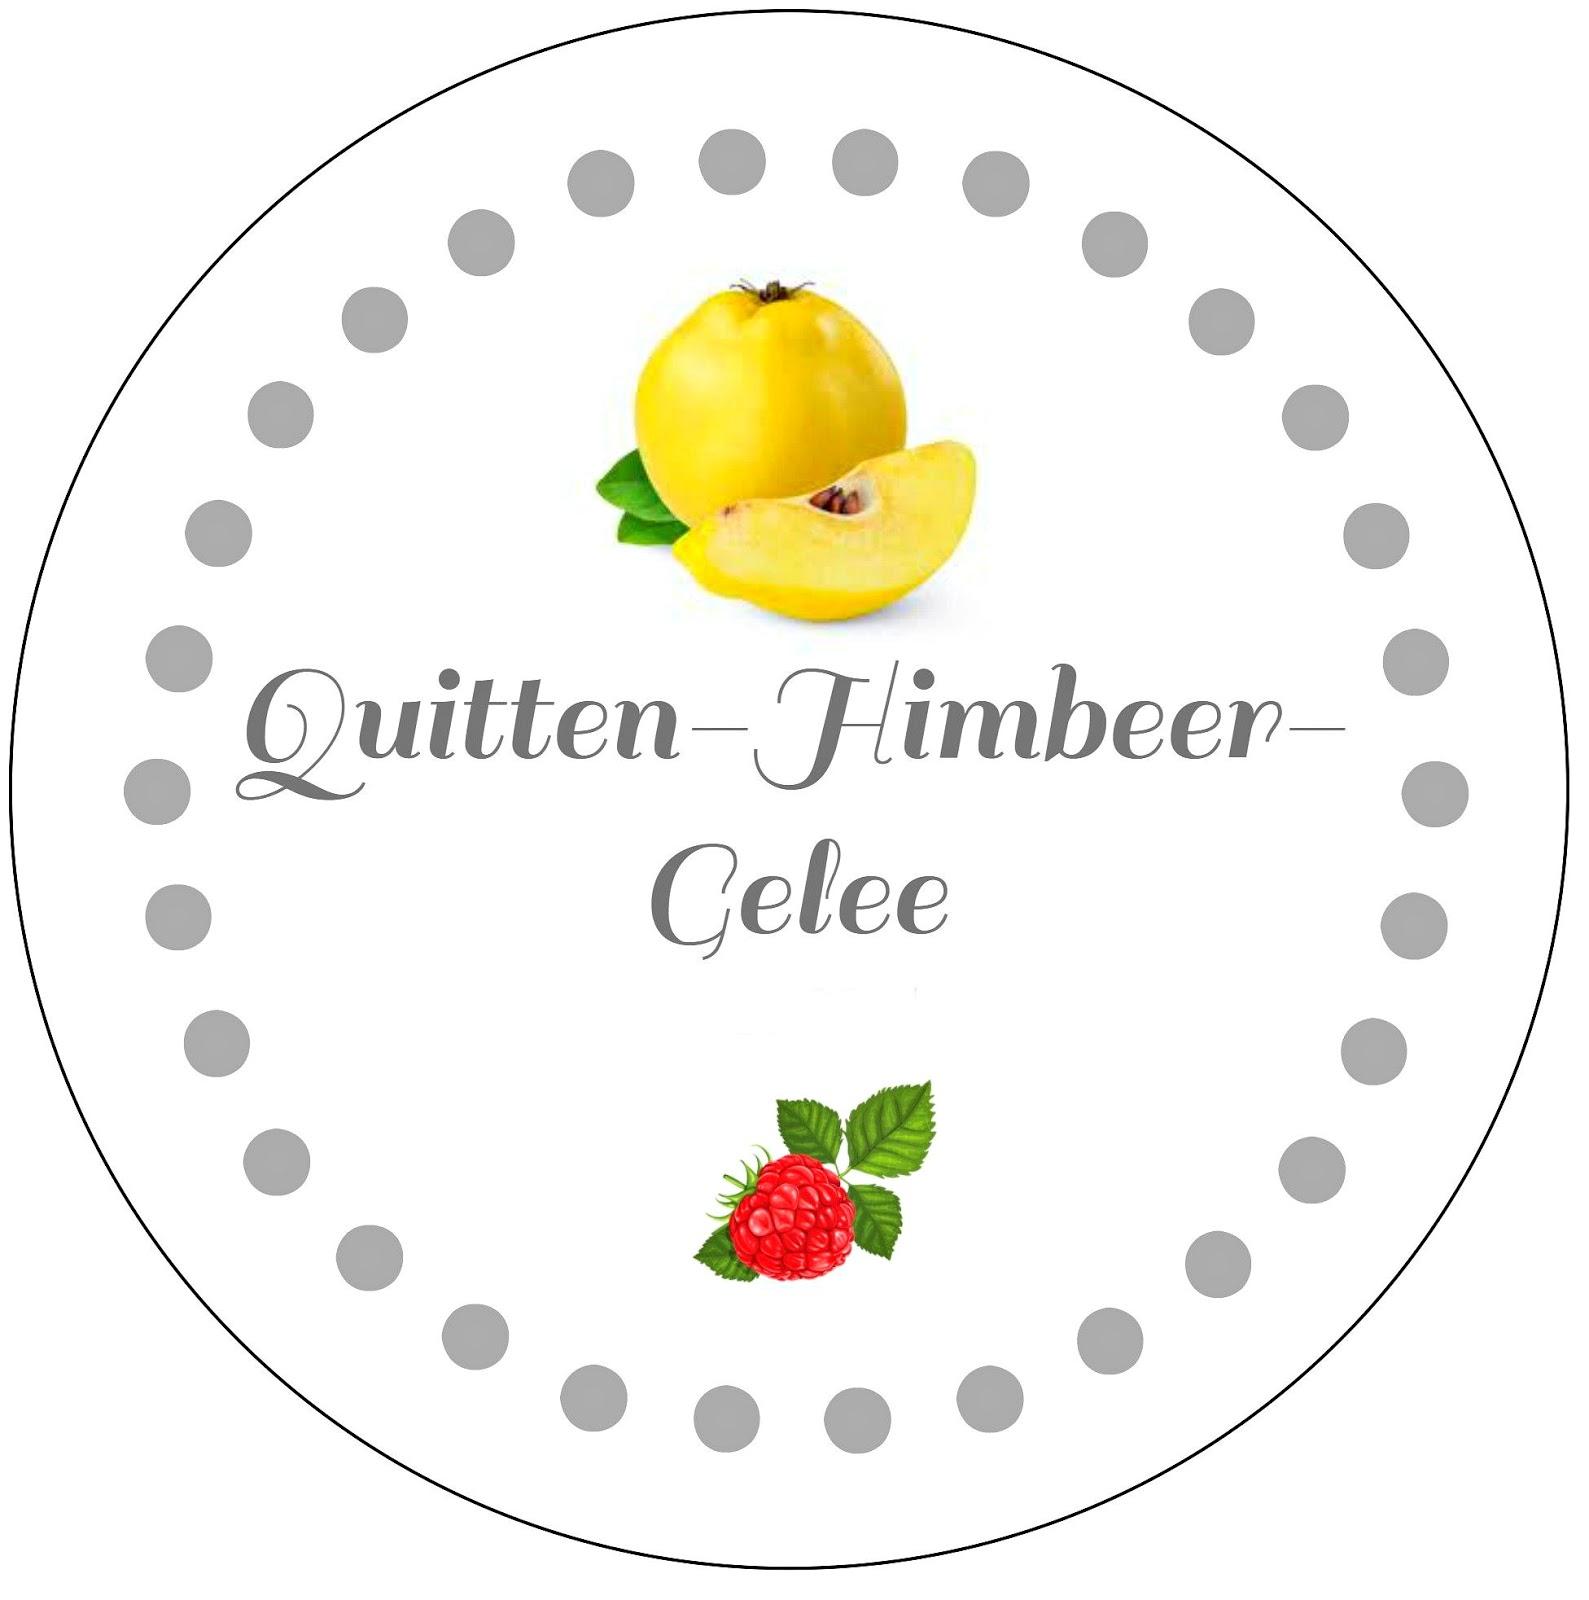 selbstgekochtes Quitten-Himbeer-Gelee